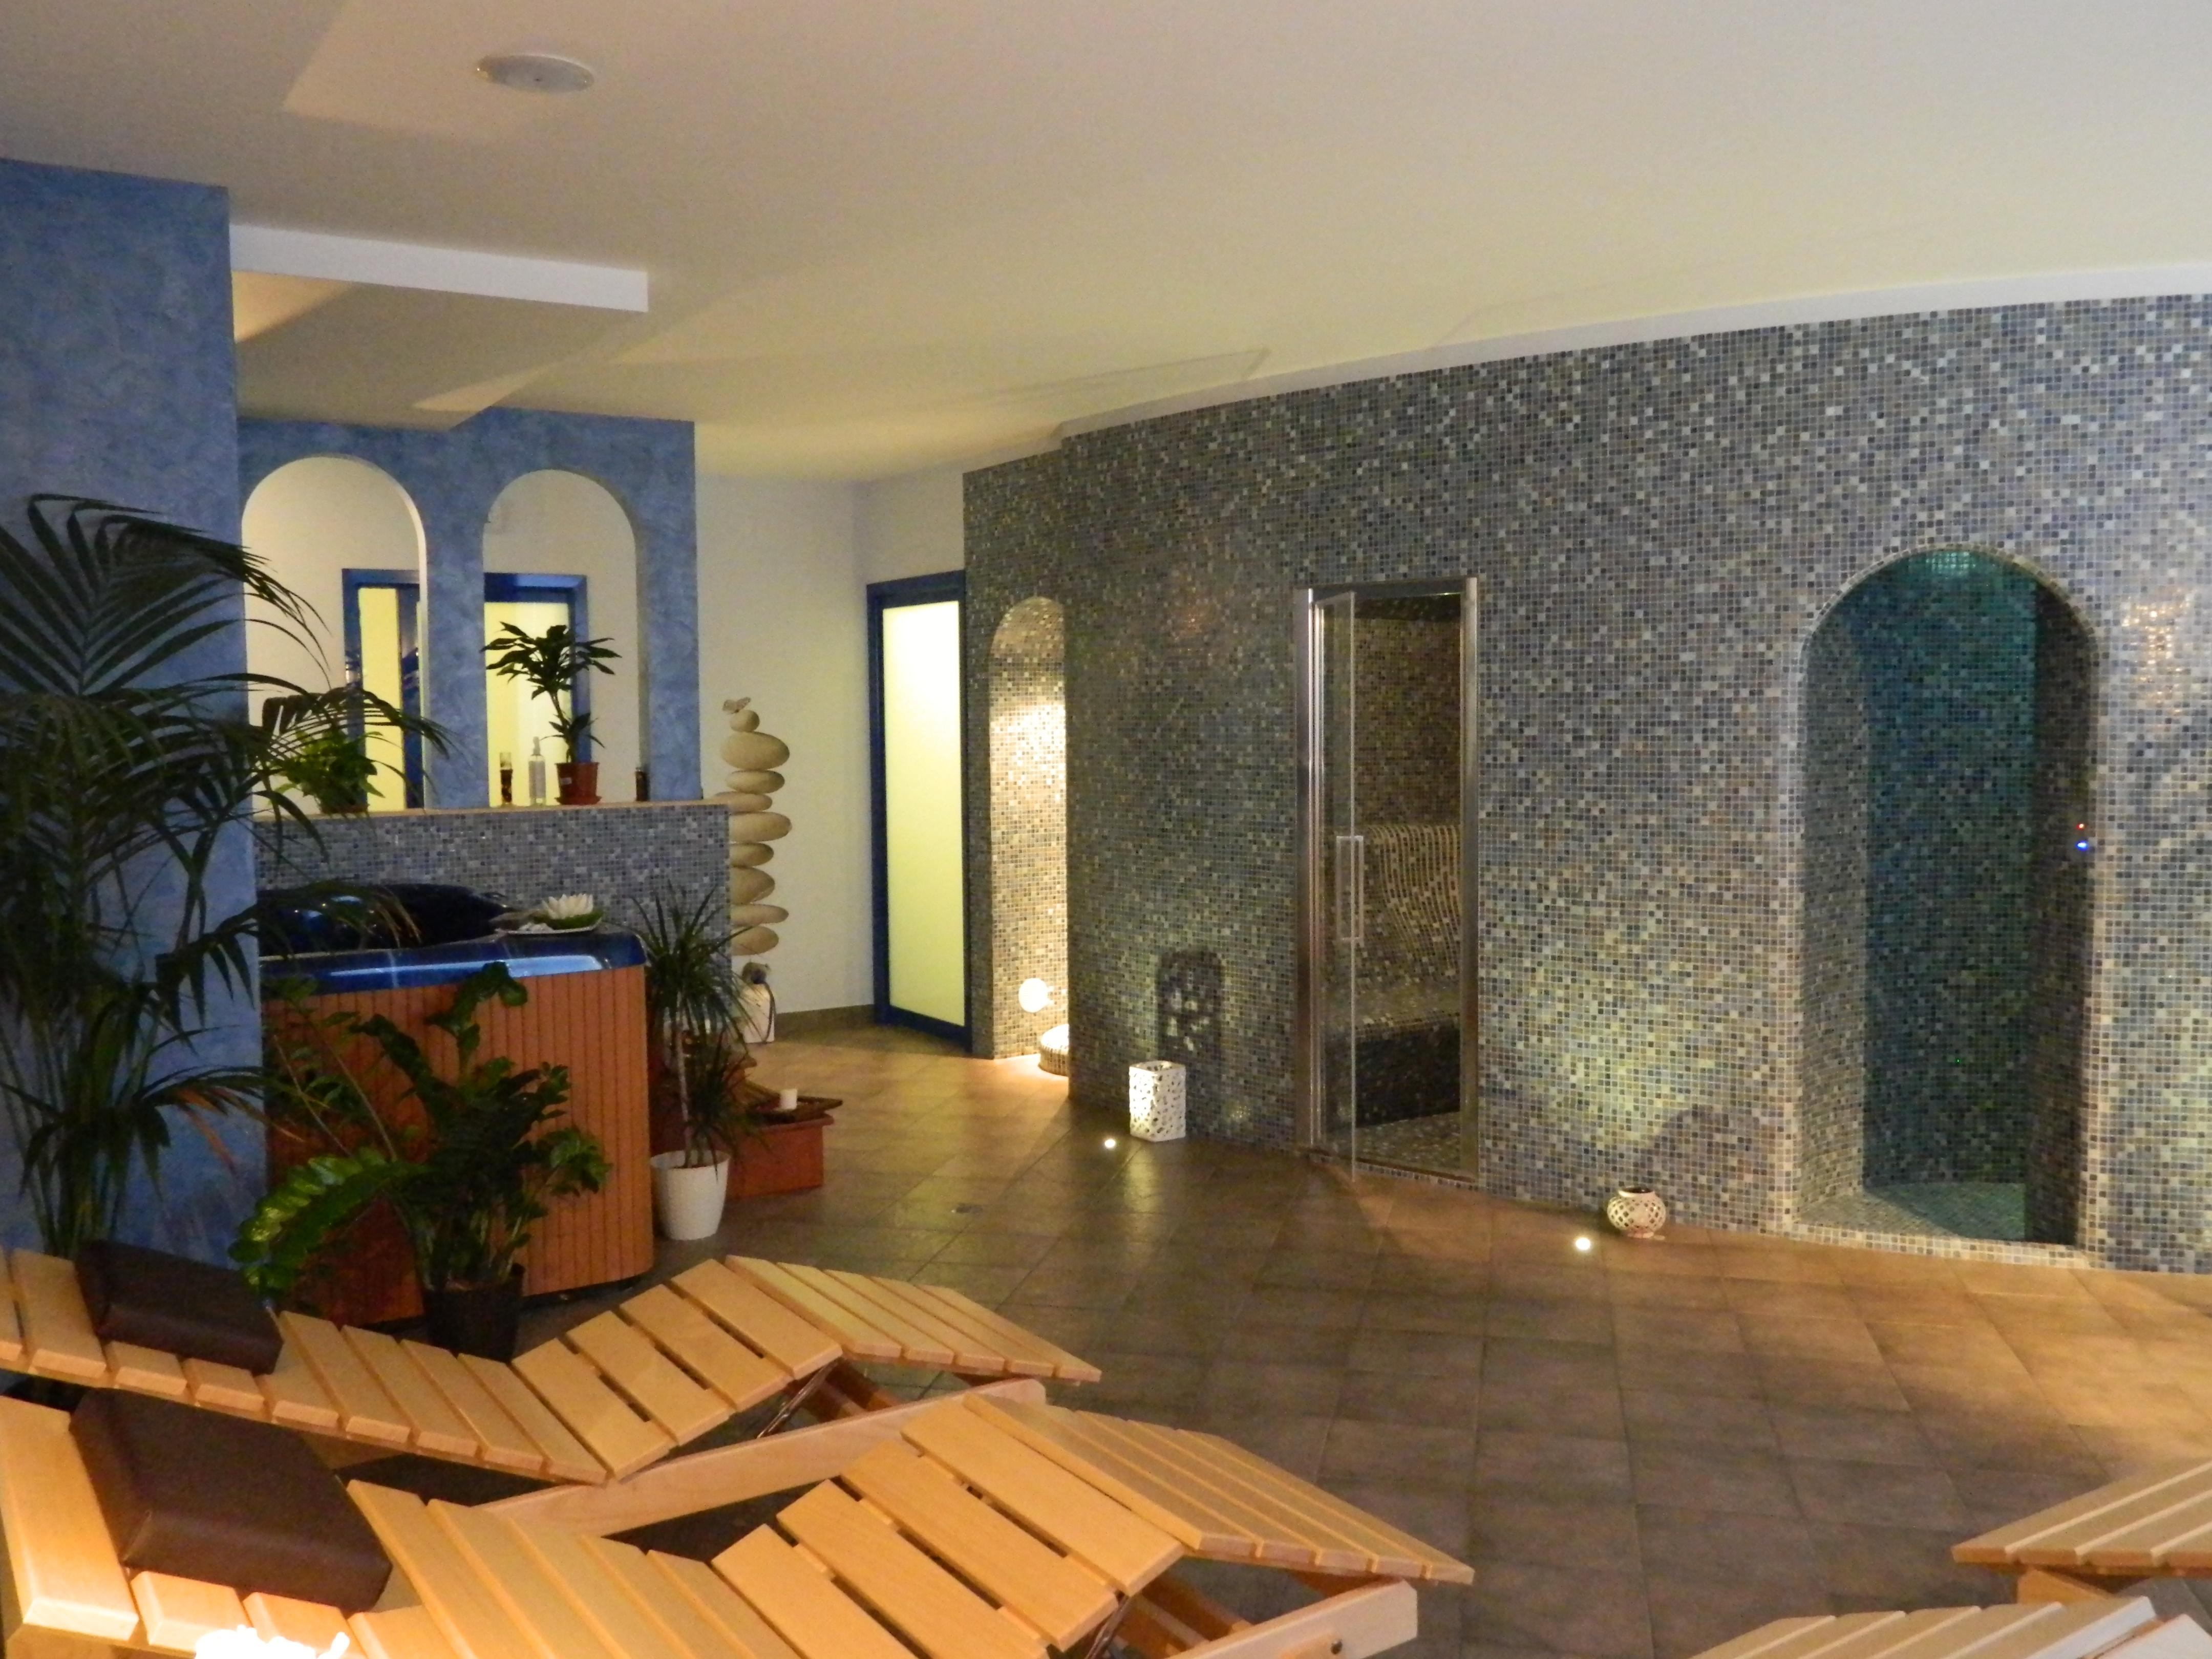 Spa centro benessere don giovanni hotel don giovanni hotel - Bagno alla paraffina ...